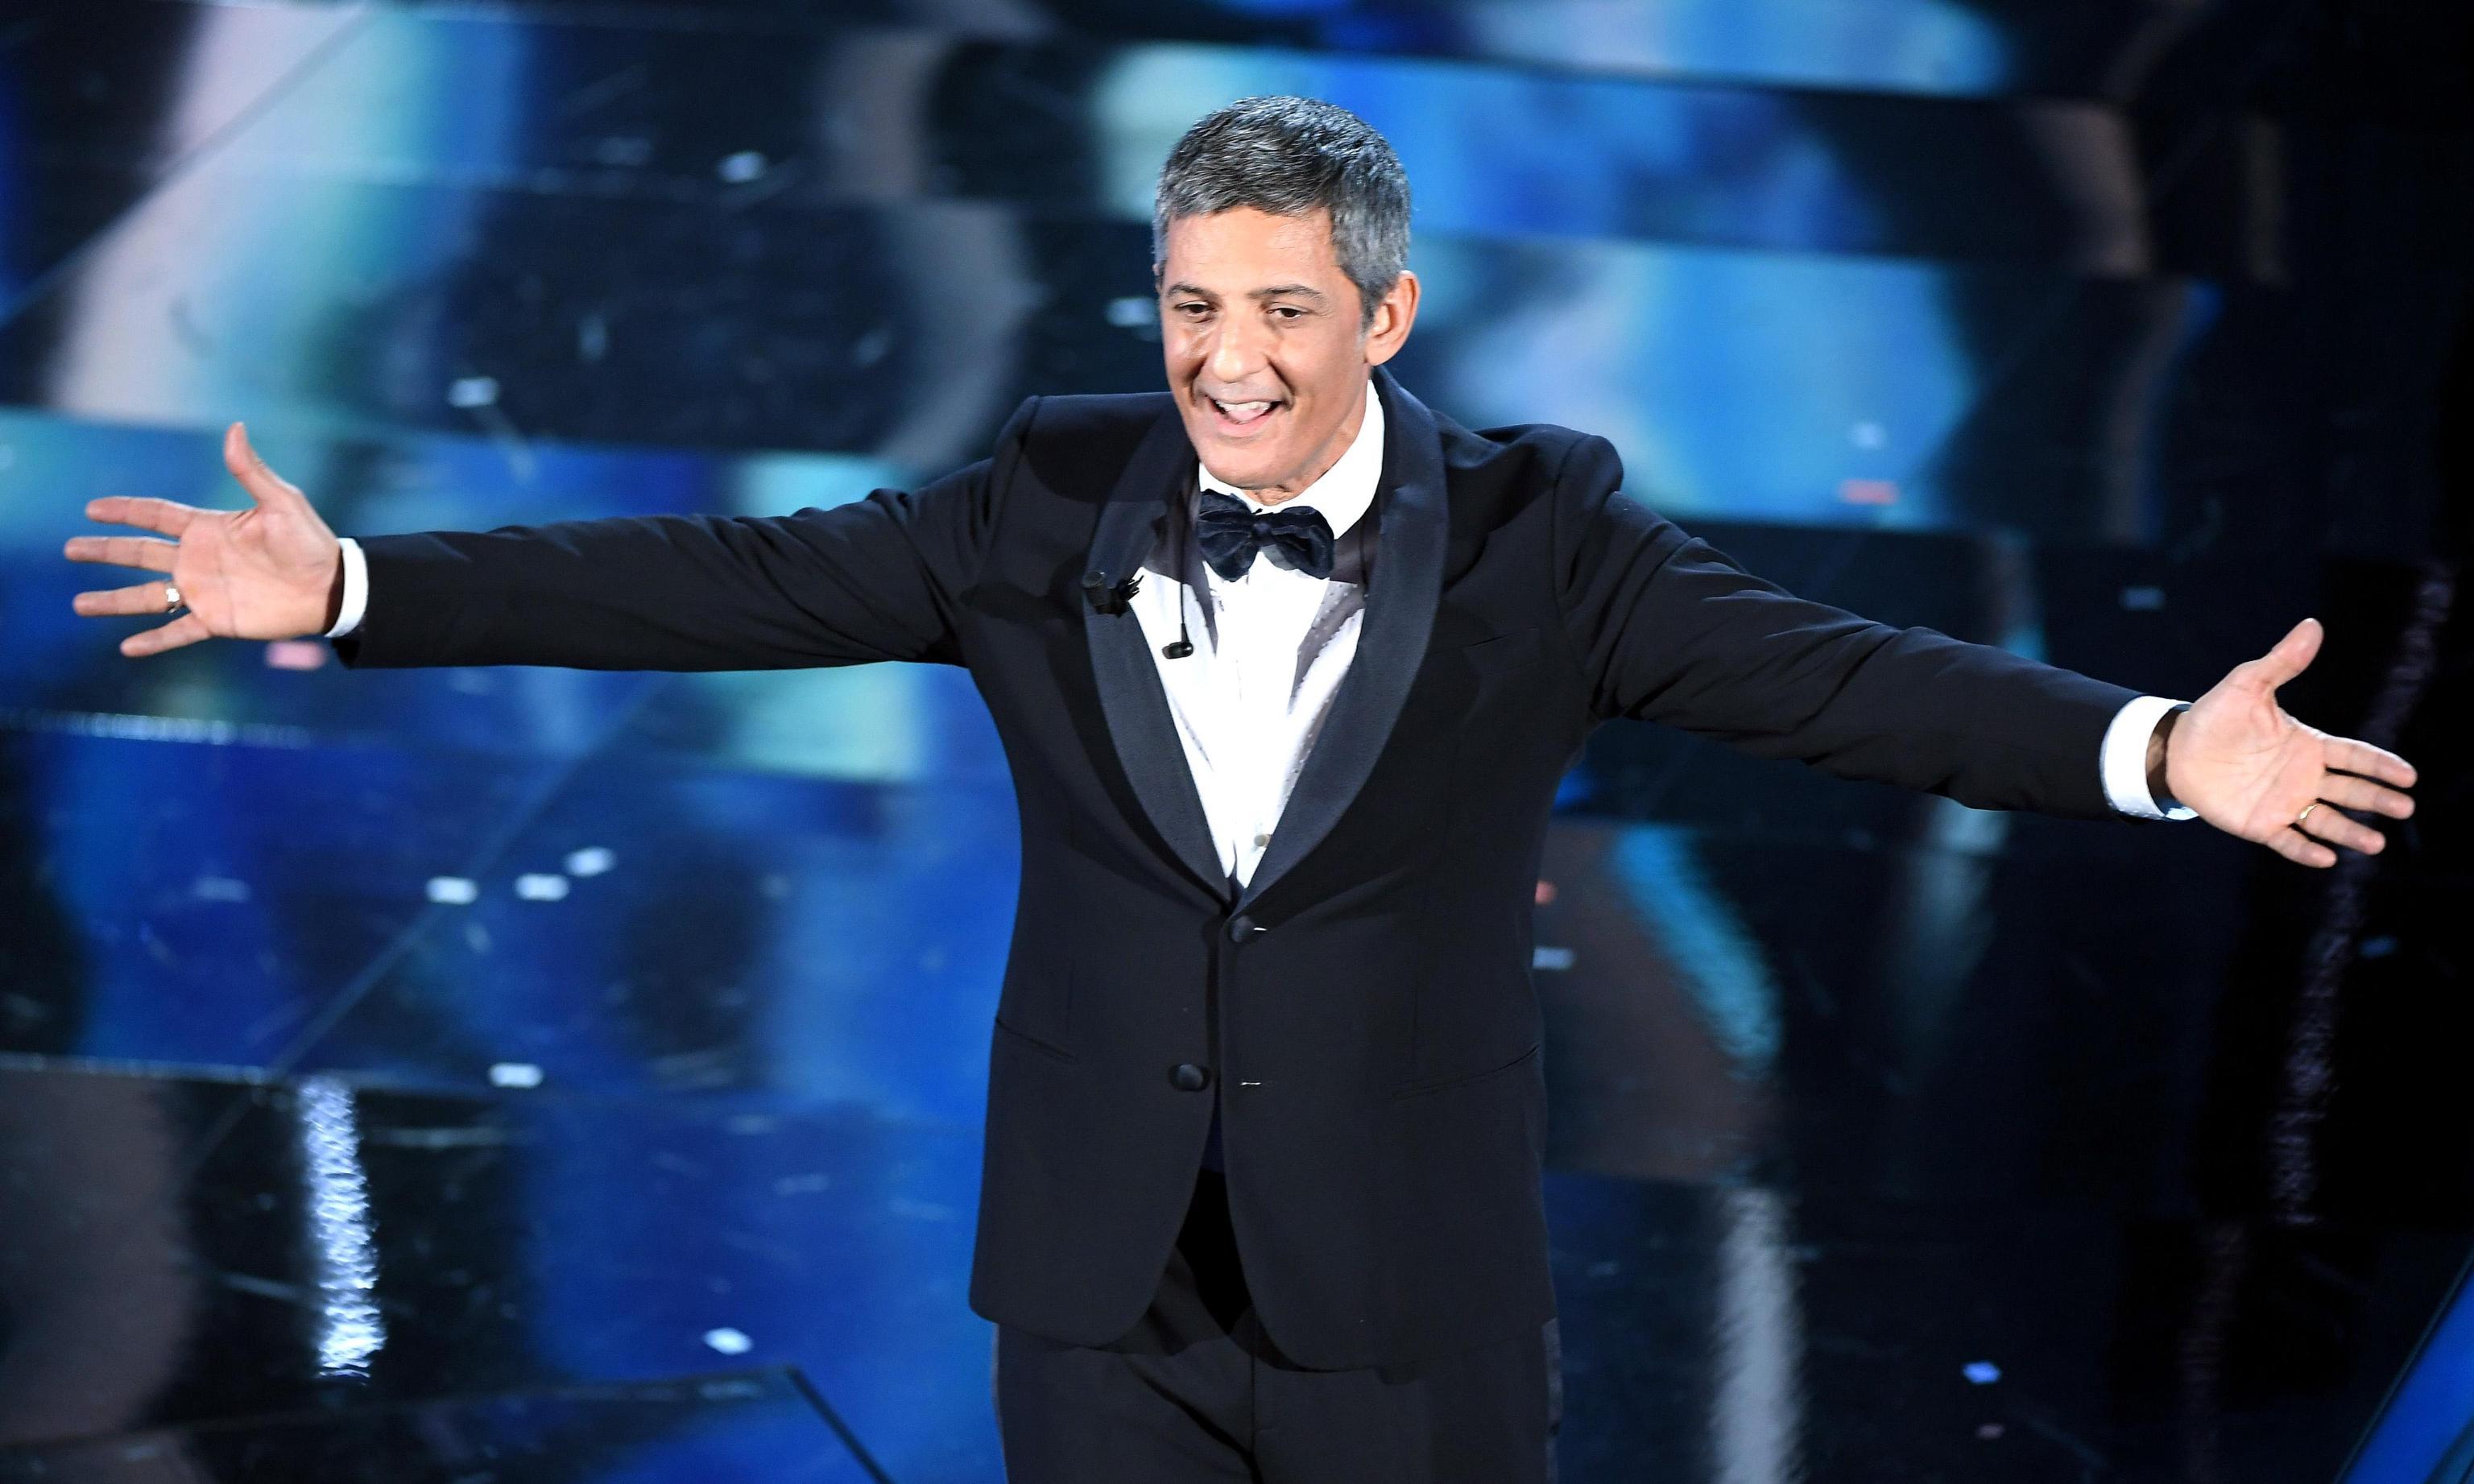 Fiorello e lo show sulla Rai: 'Nessun giallo, vi dico cosa è successo'